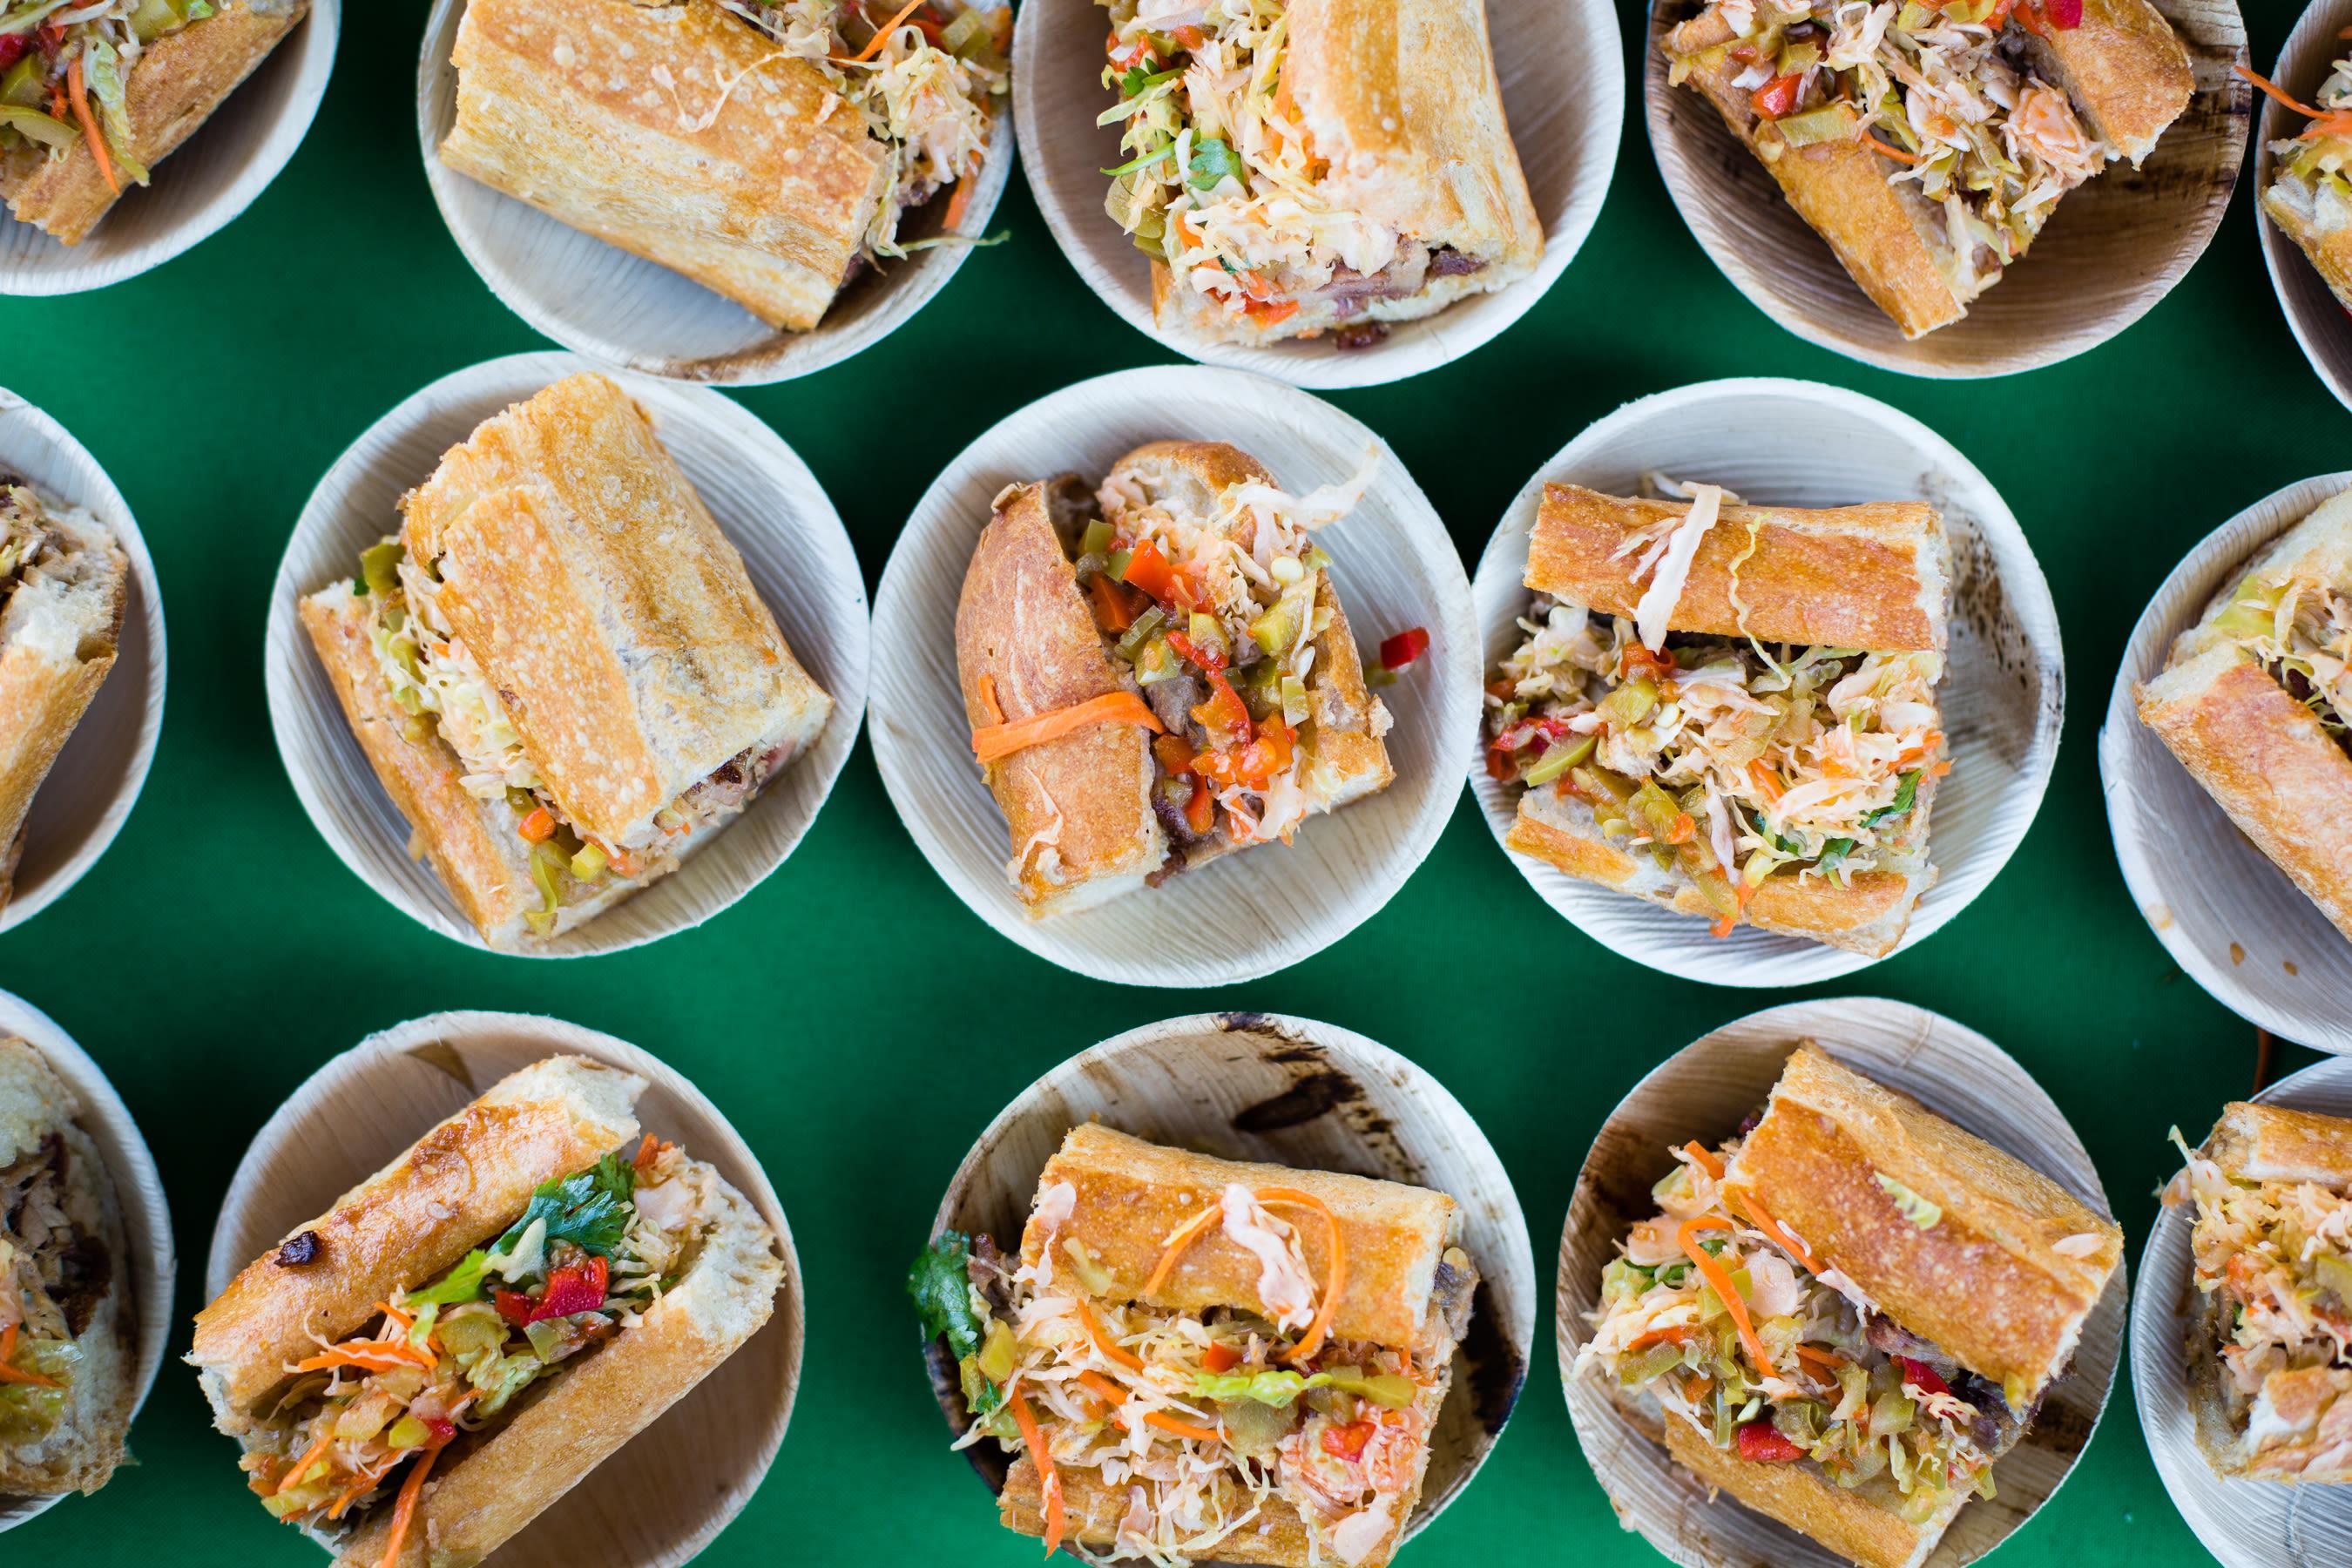 Feast2016 sandwich brookebass 1 n8ch8a